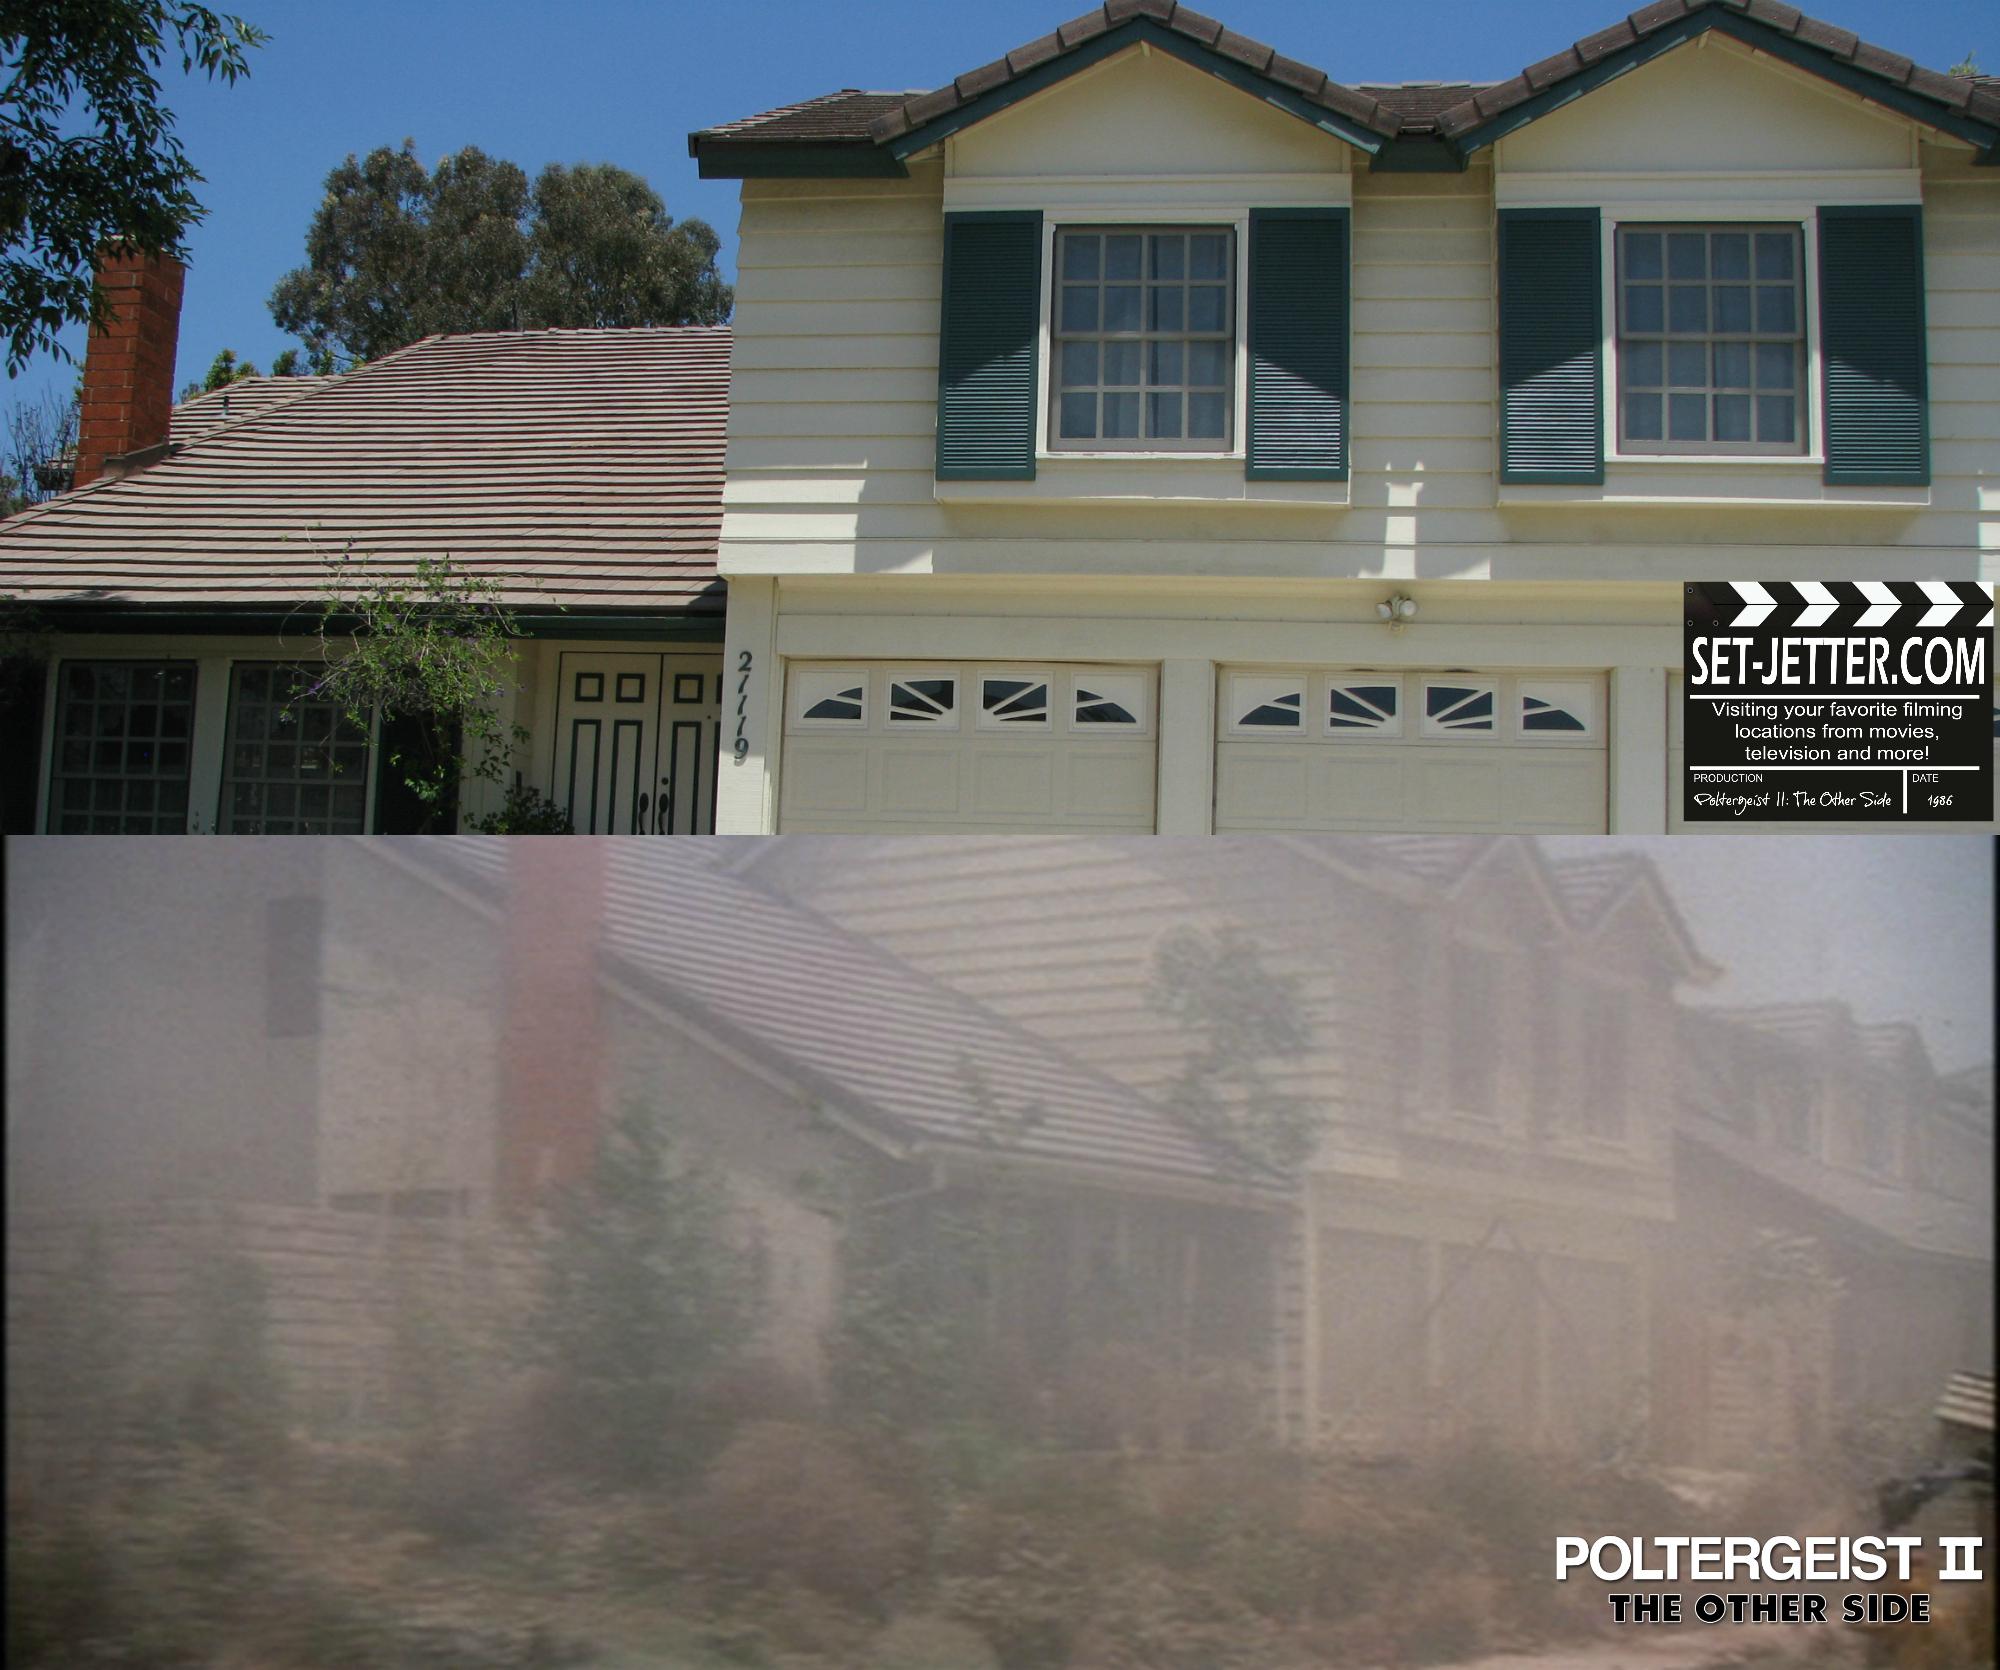 Poltergeist II comparison 05.jpg